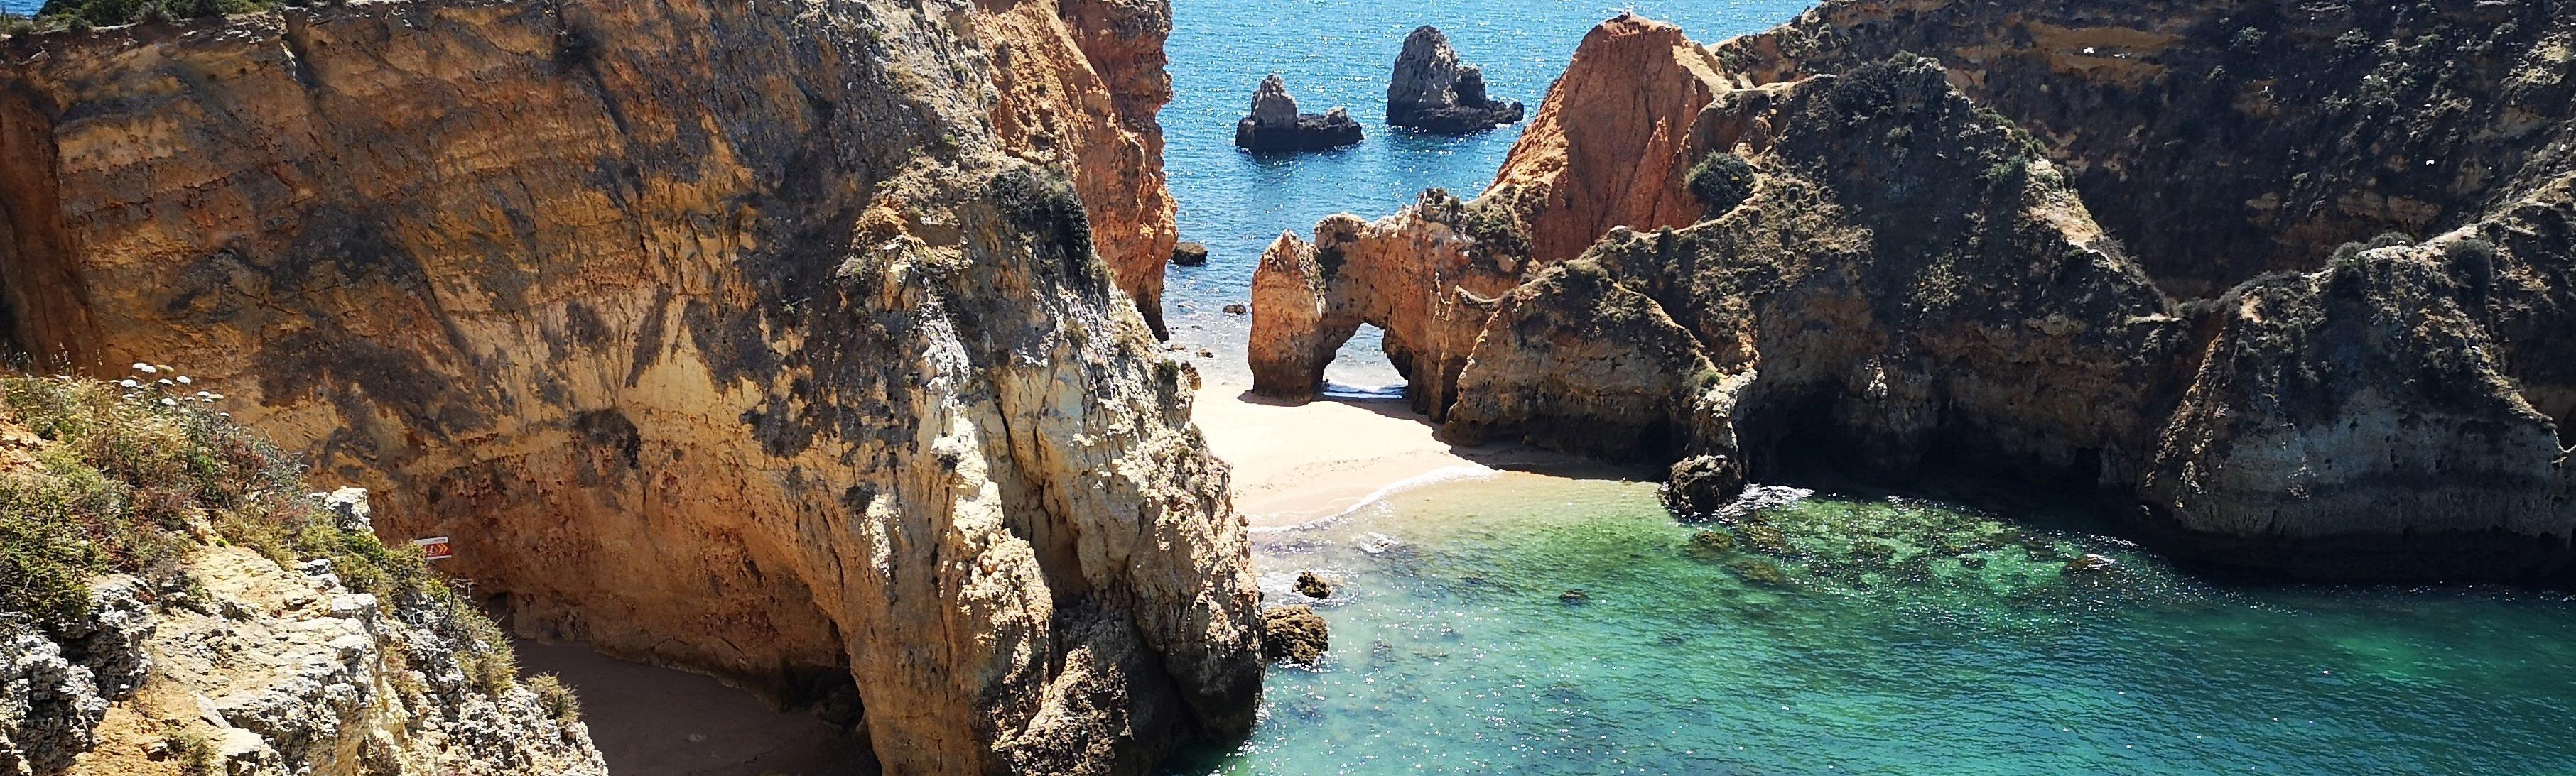 Portugal Europa Rondreis Op Maat Specialist